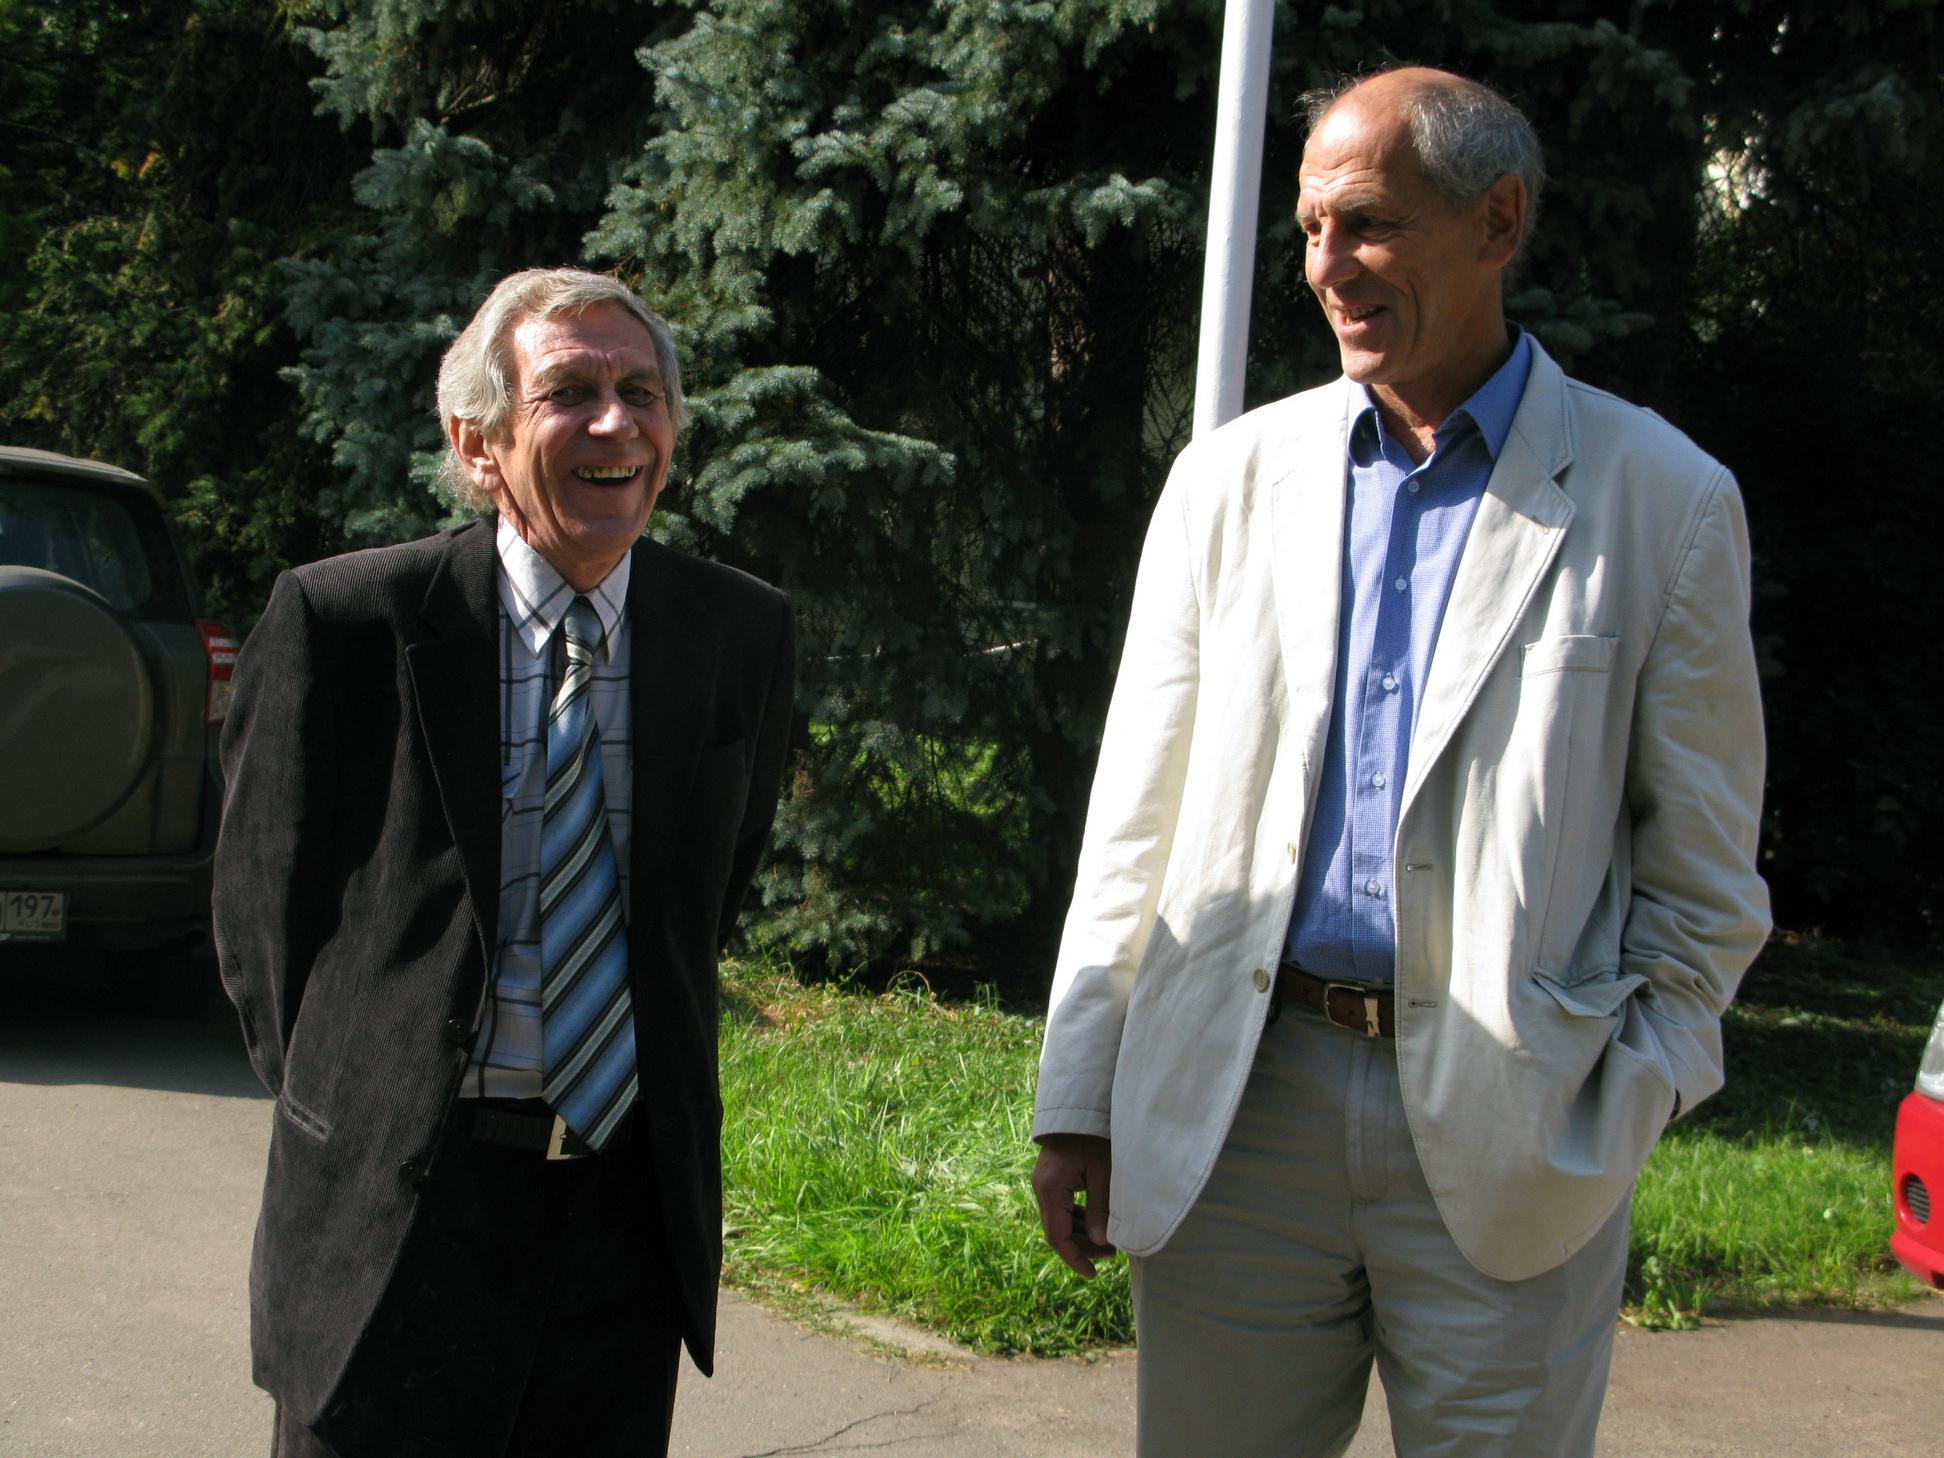 С Валерием Рубаковым в сентябре 2014 года на вручении премии им. Померанчука в ИТЭФ